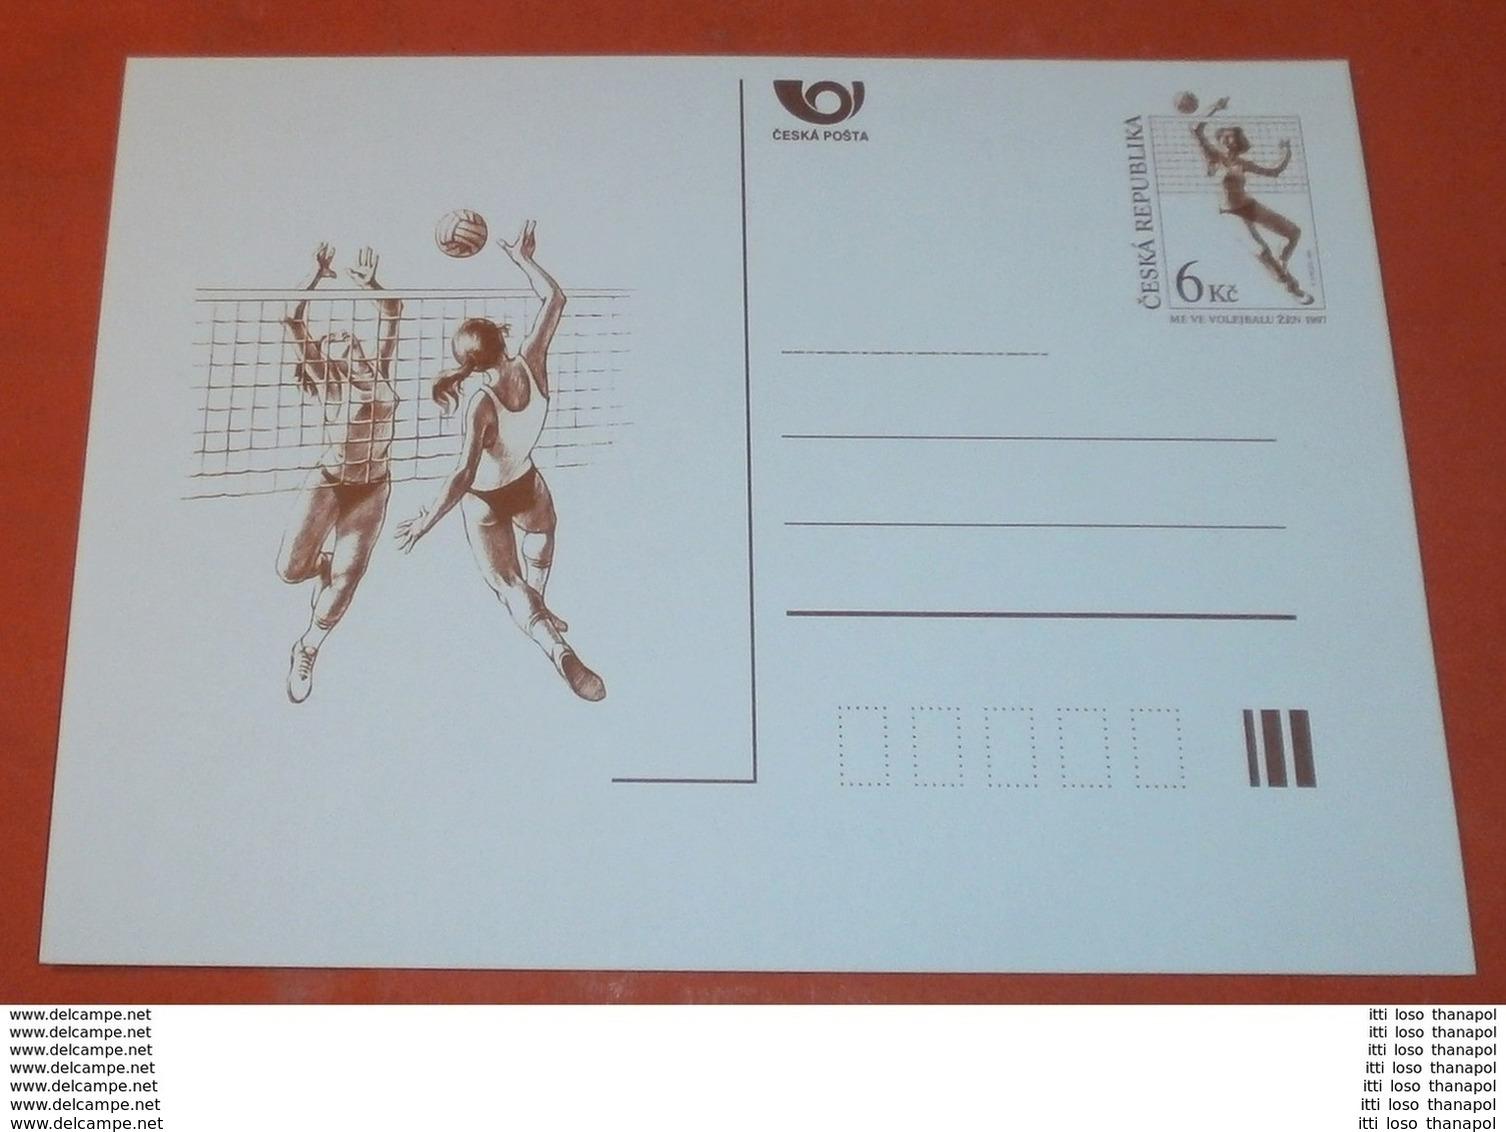 TSCHECHISCHE REPUBLIK - Volleyball Sport --- Volleyball 6 Kc Bildpostkarte ** (Foto)(60487) - Postales